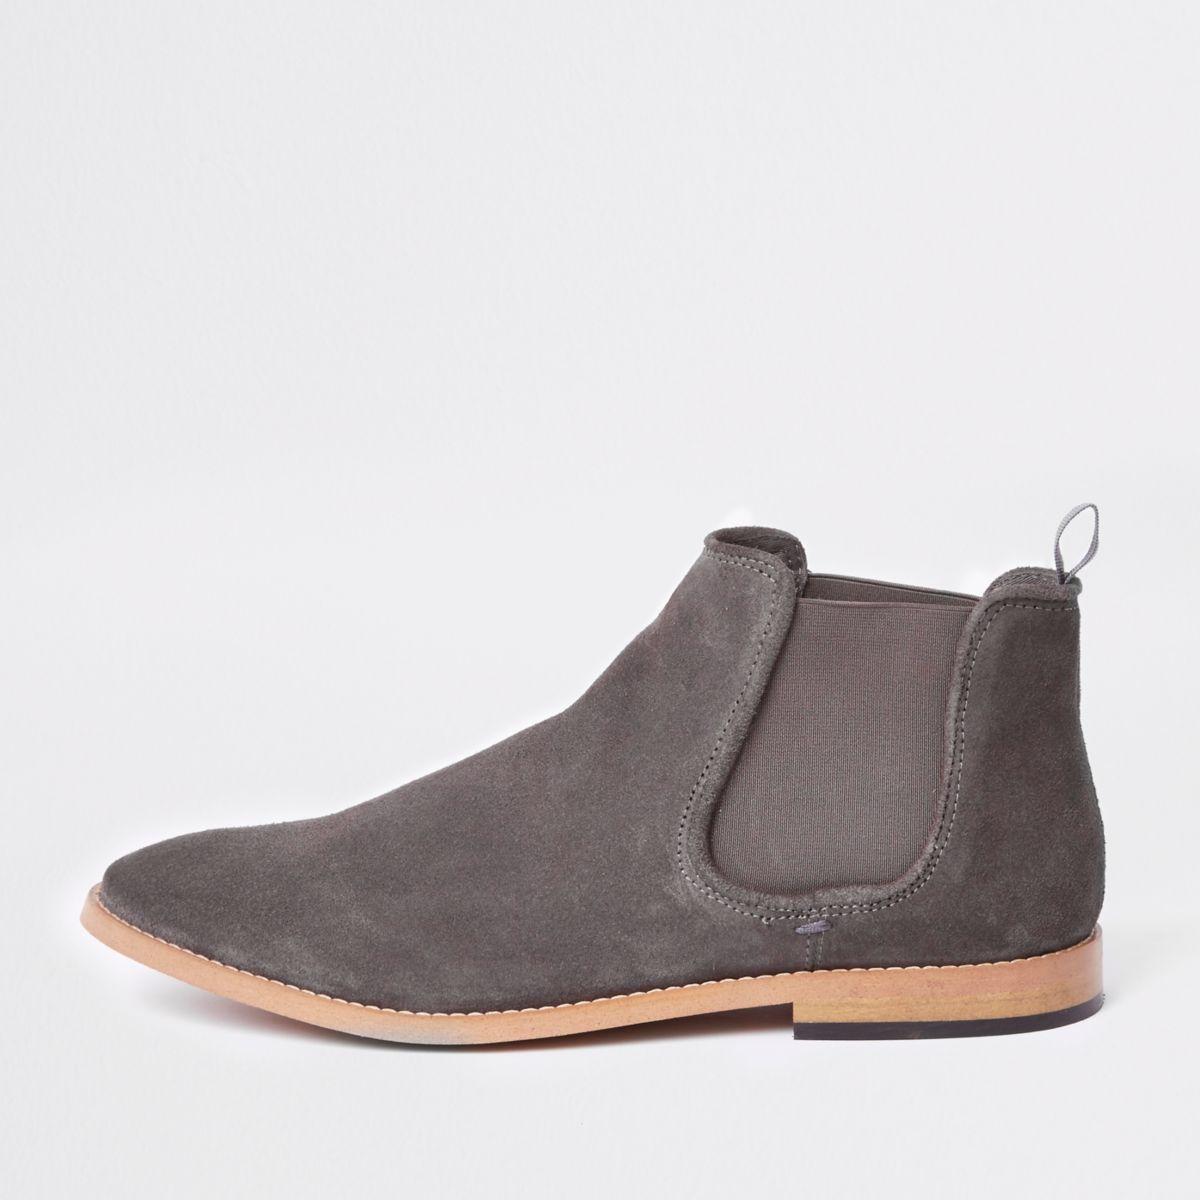 Pierre Daim Desert Boots Couleur Avec Oeillets YYT746Xp